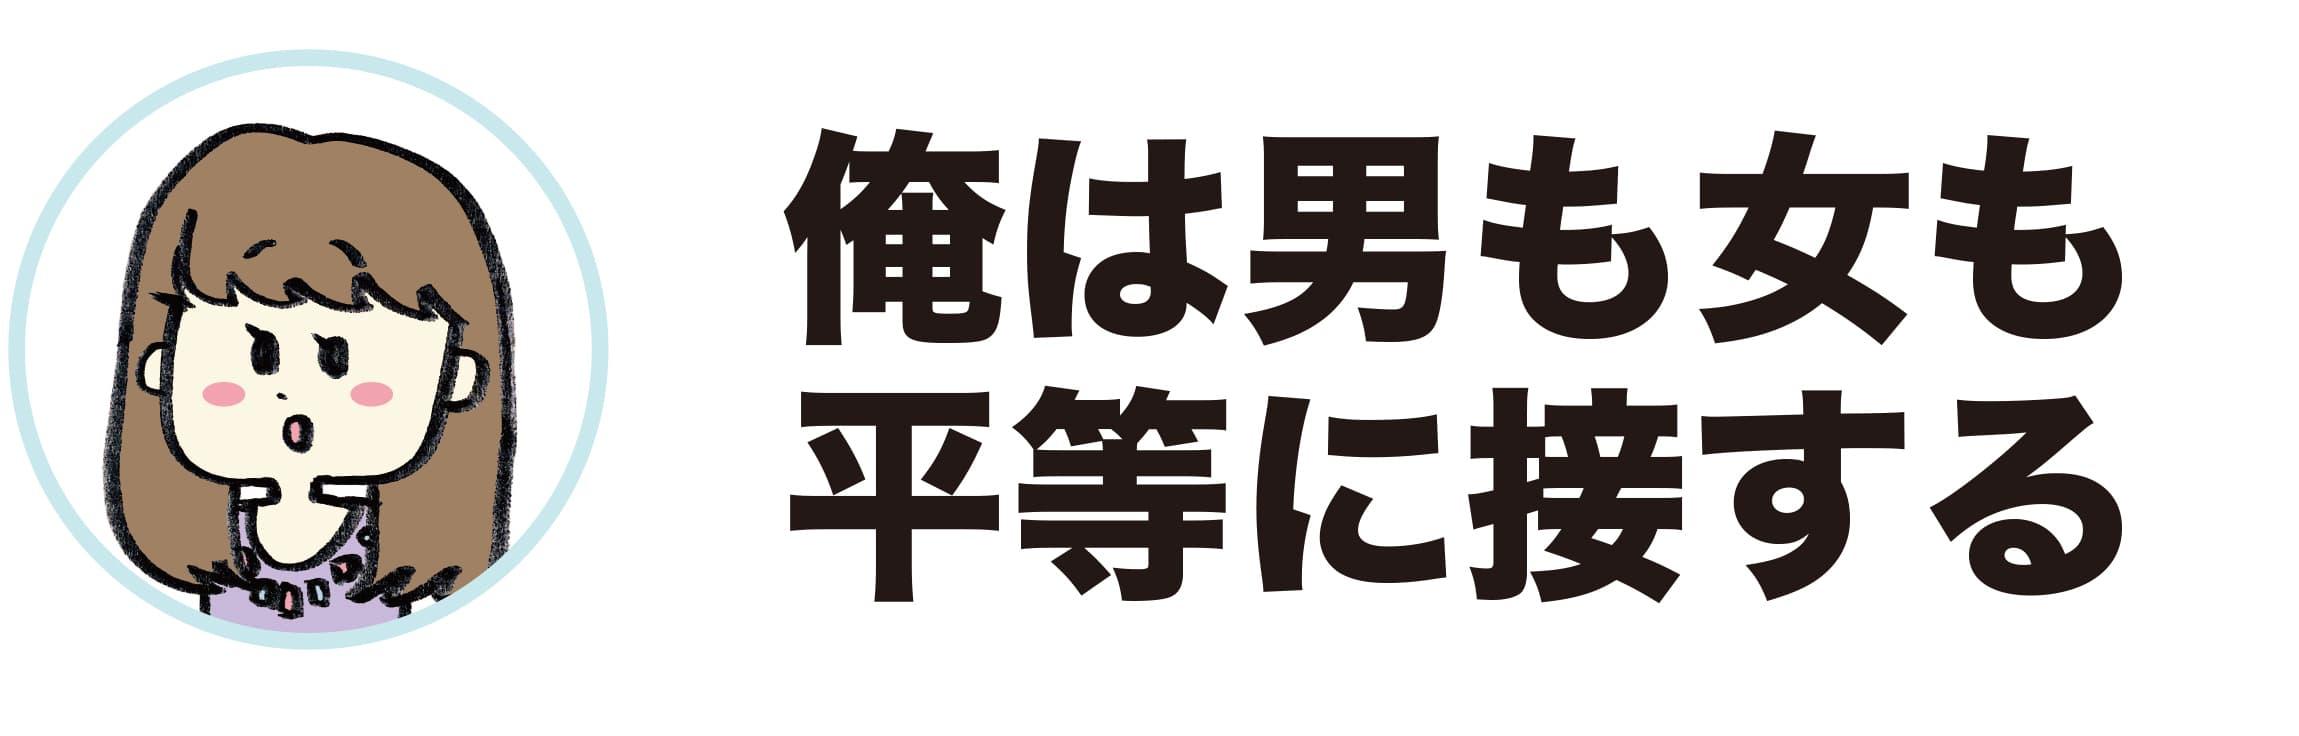 岩倉さんの画像